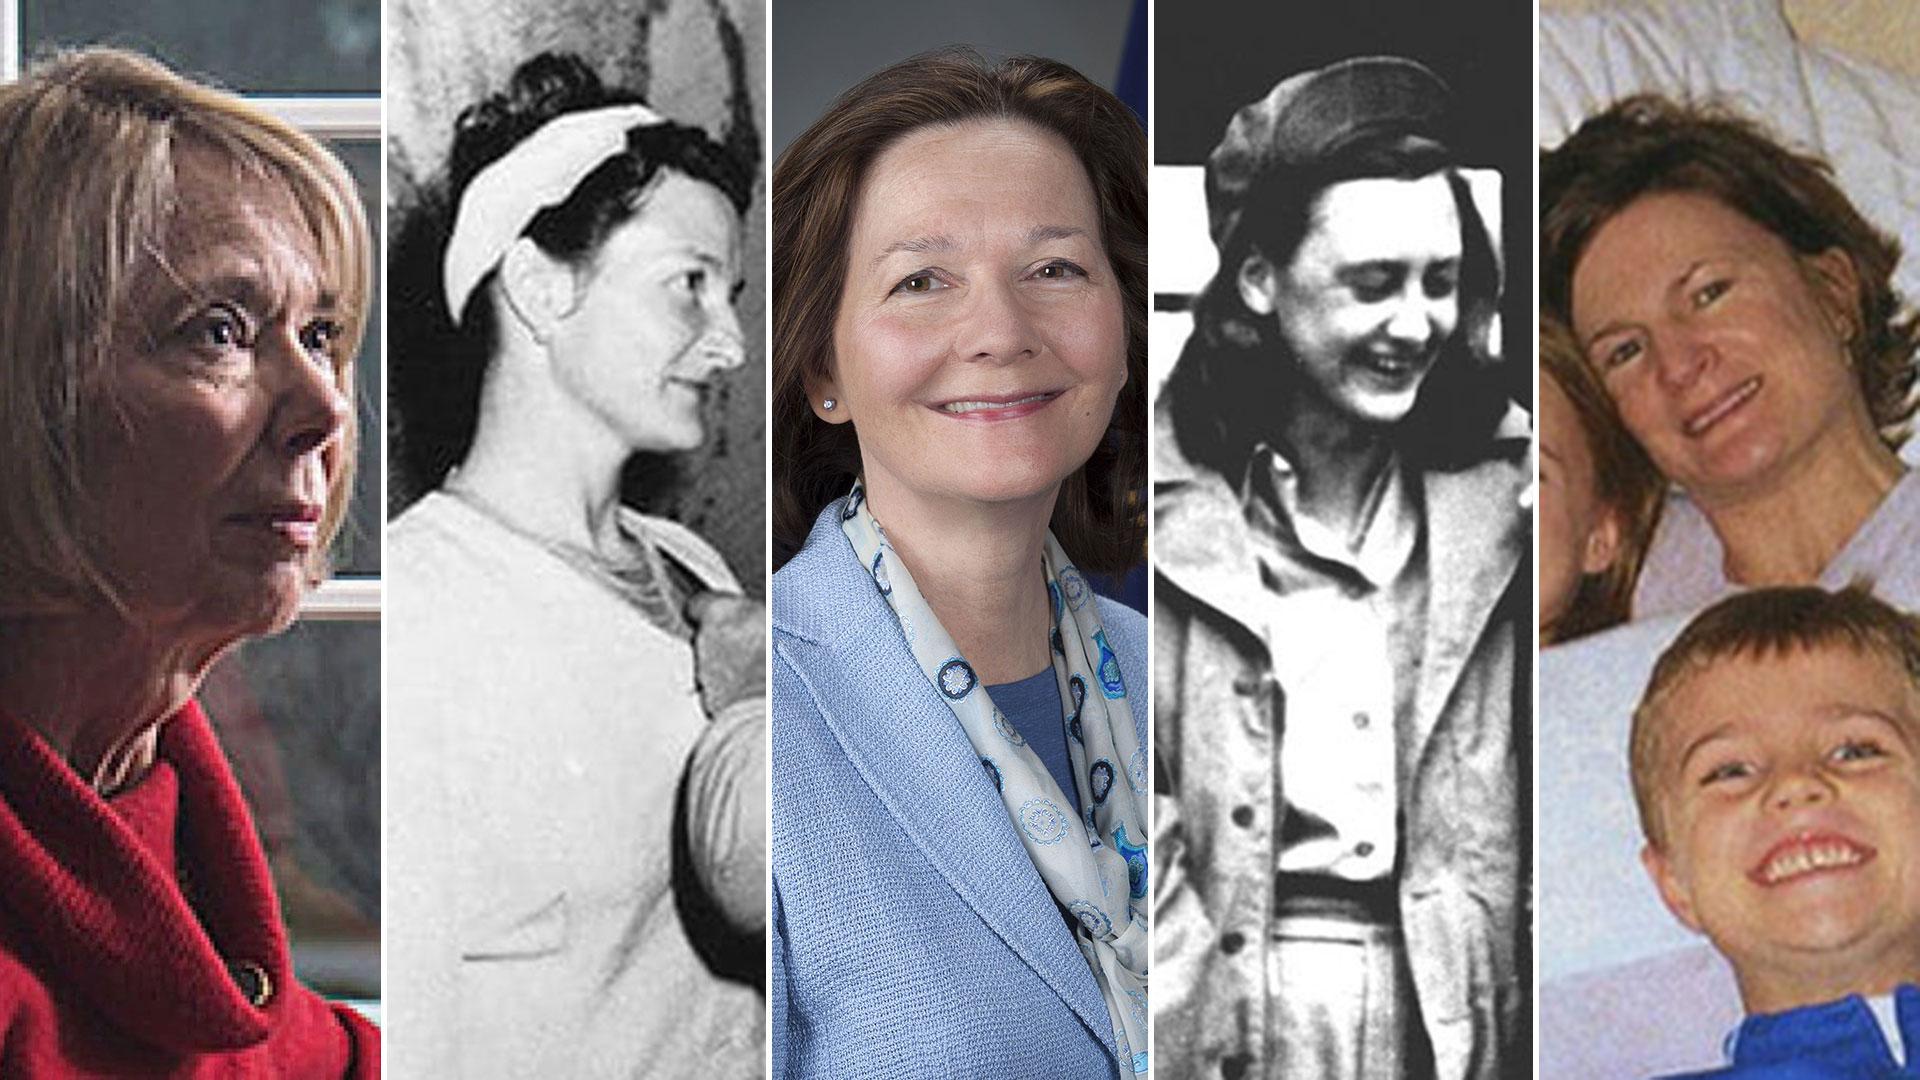 En el centro, Gina Haspel, la primera mujer en la historia en dirigir la CIA. Alrededor suyo, otras agentes de inteligencia célebres en la agencia